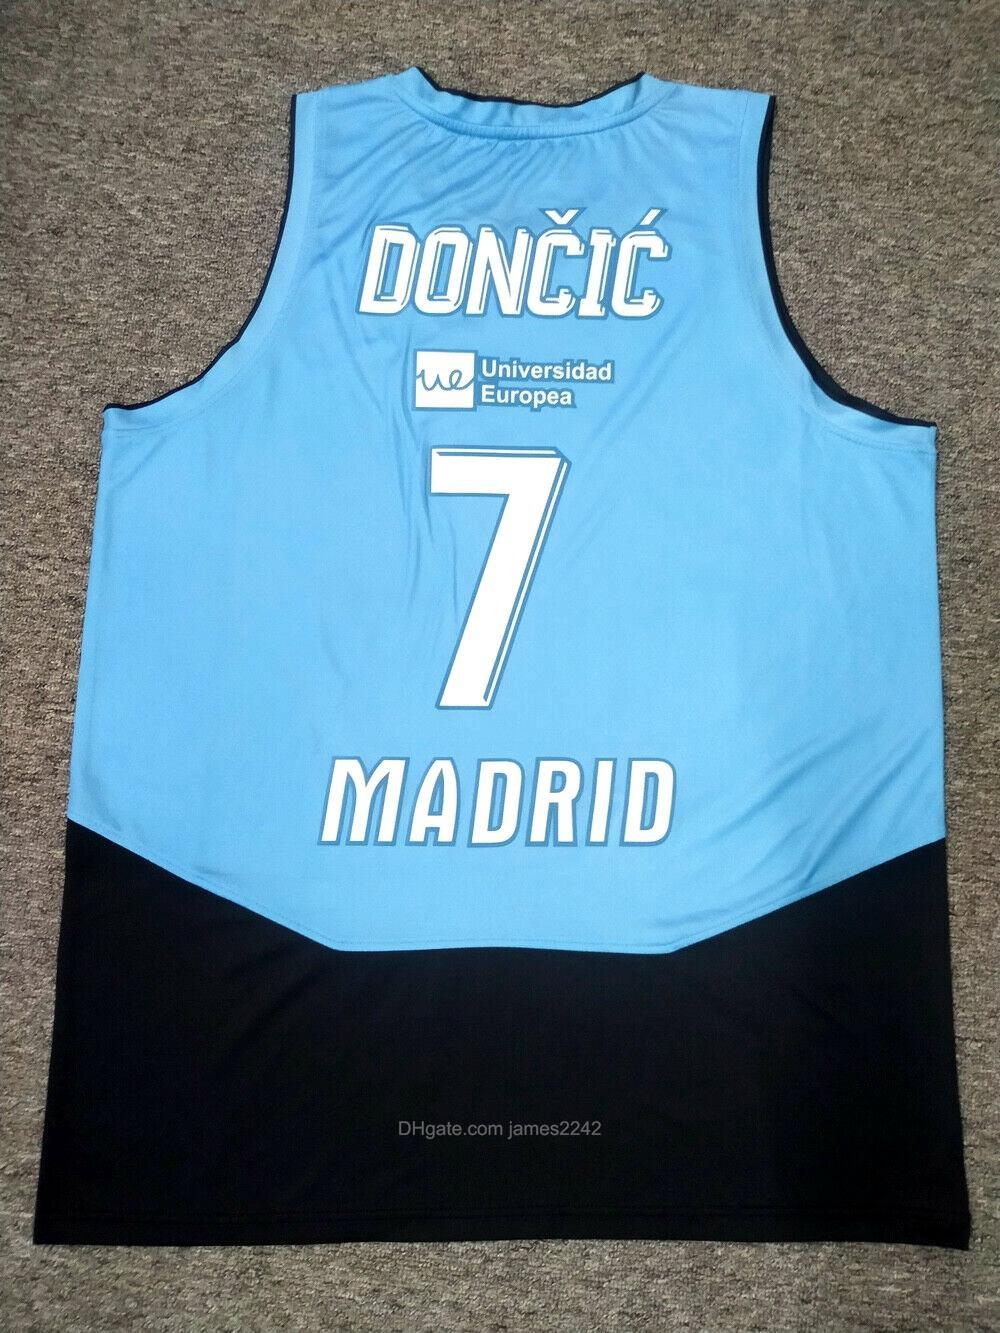 Personalizado Luka Doncic # 7 Espanha Jersey Euroleague Top Print Jerseys Qualquer Número Número Tamanho 2XS-3XL Azul Frete Grátis